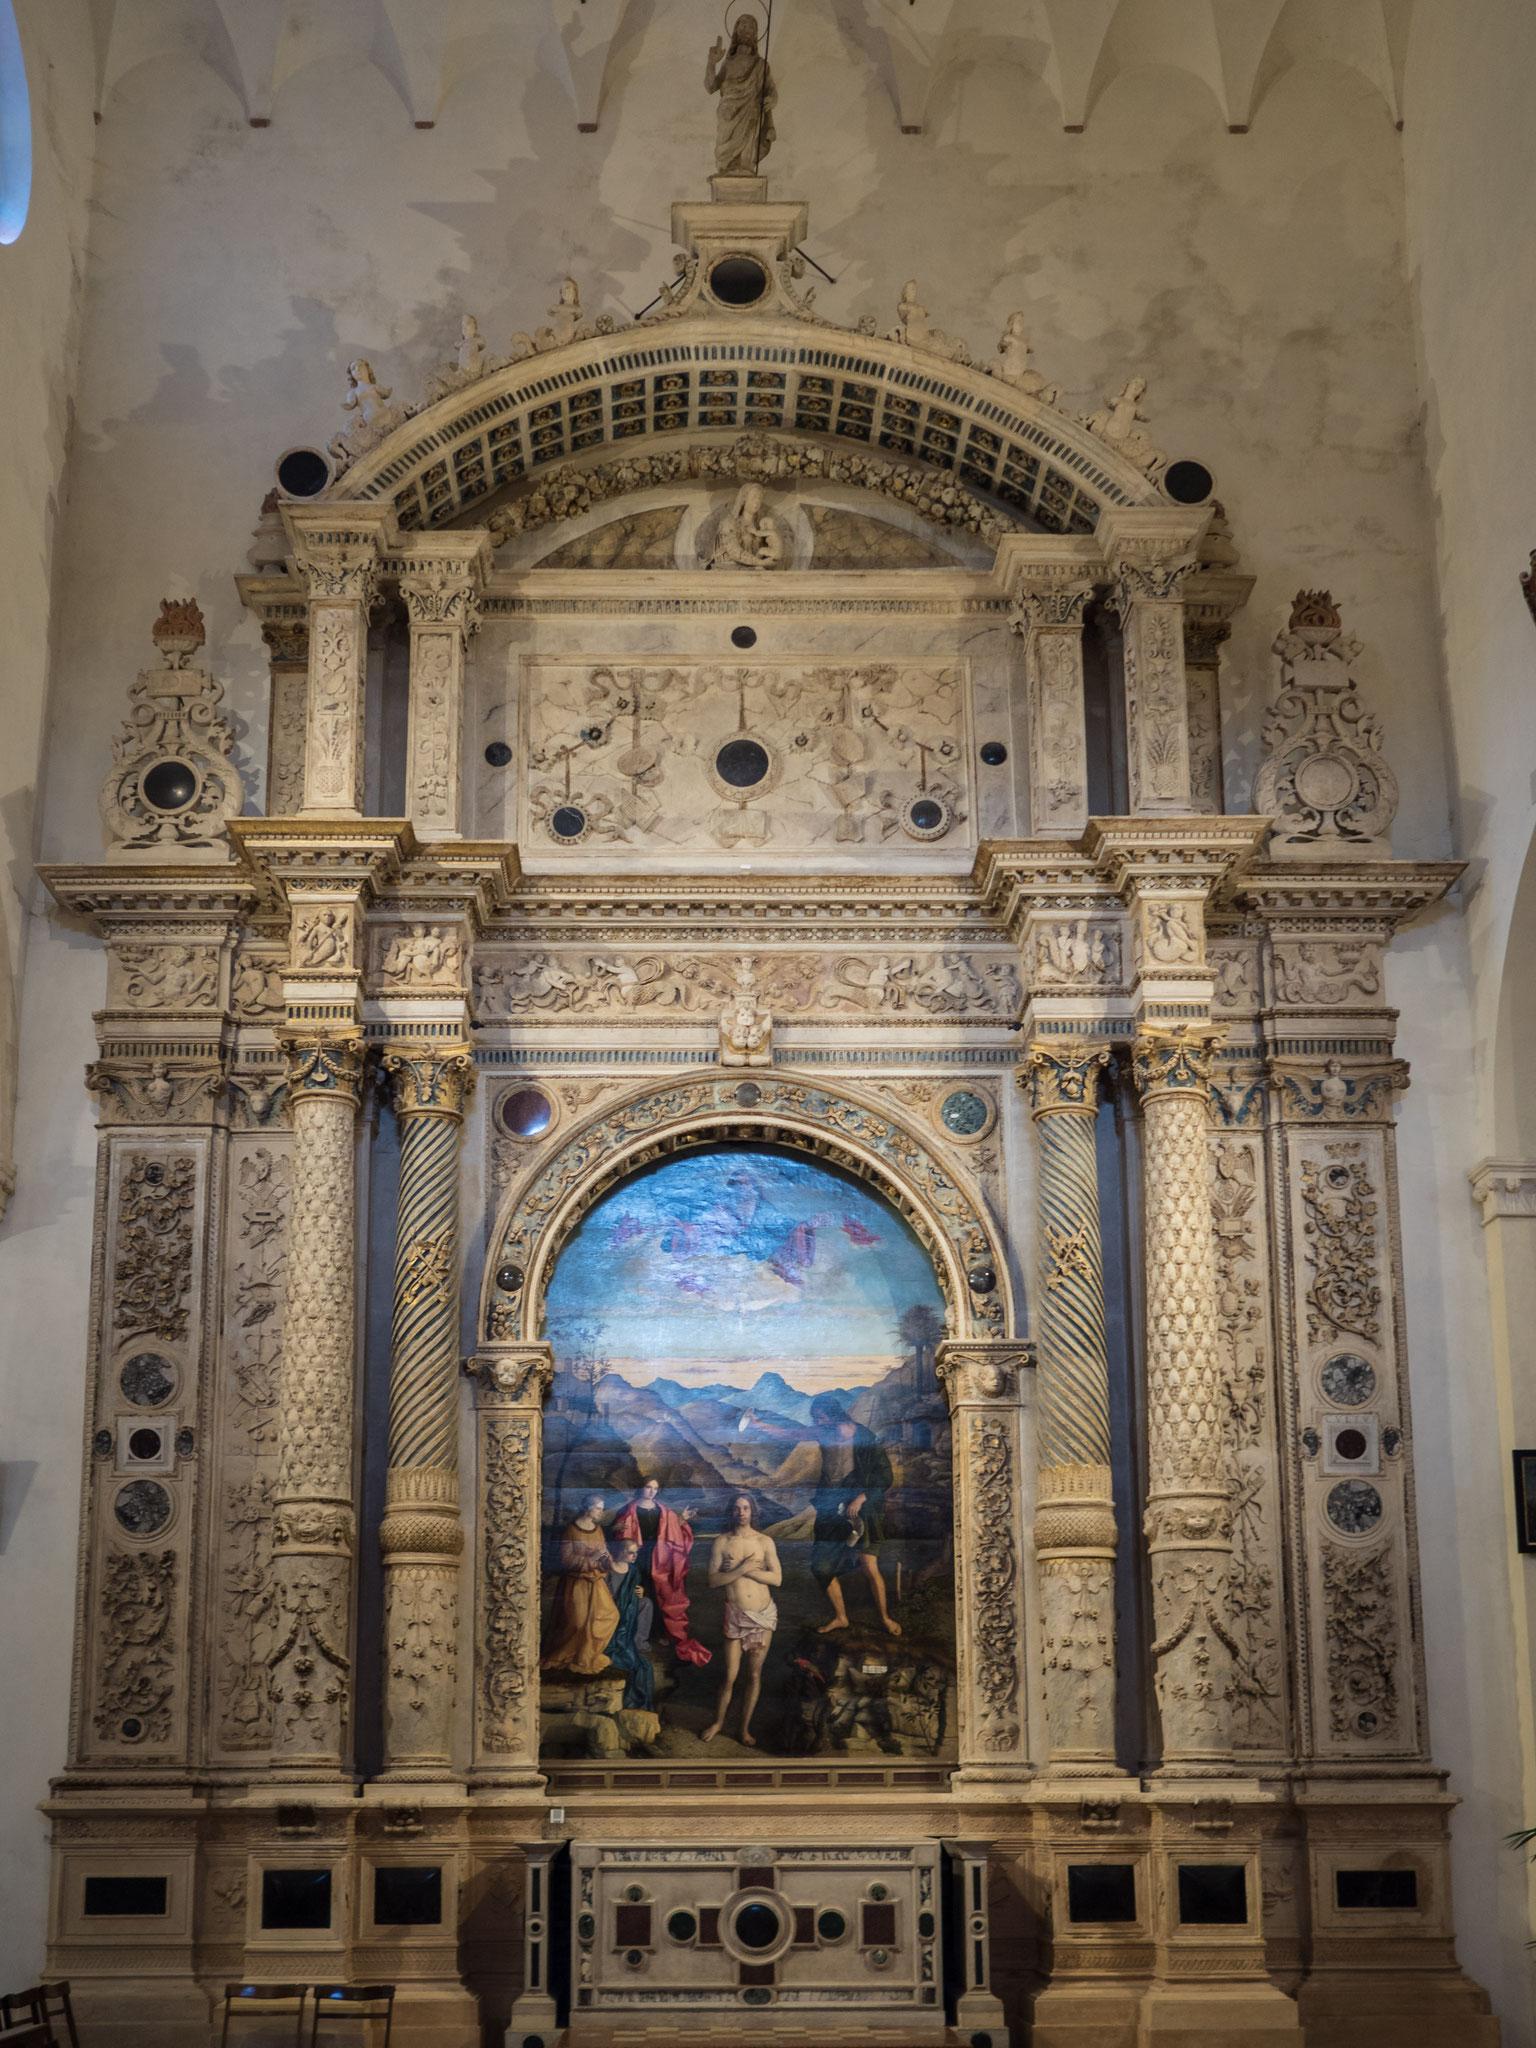 Gemälde von Bellini